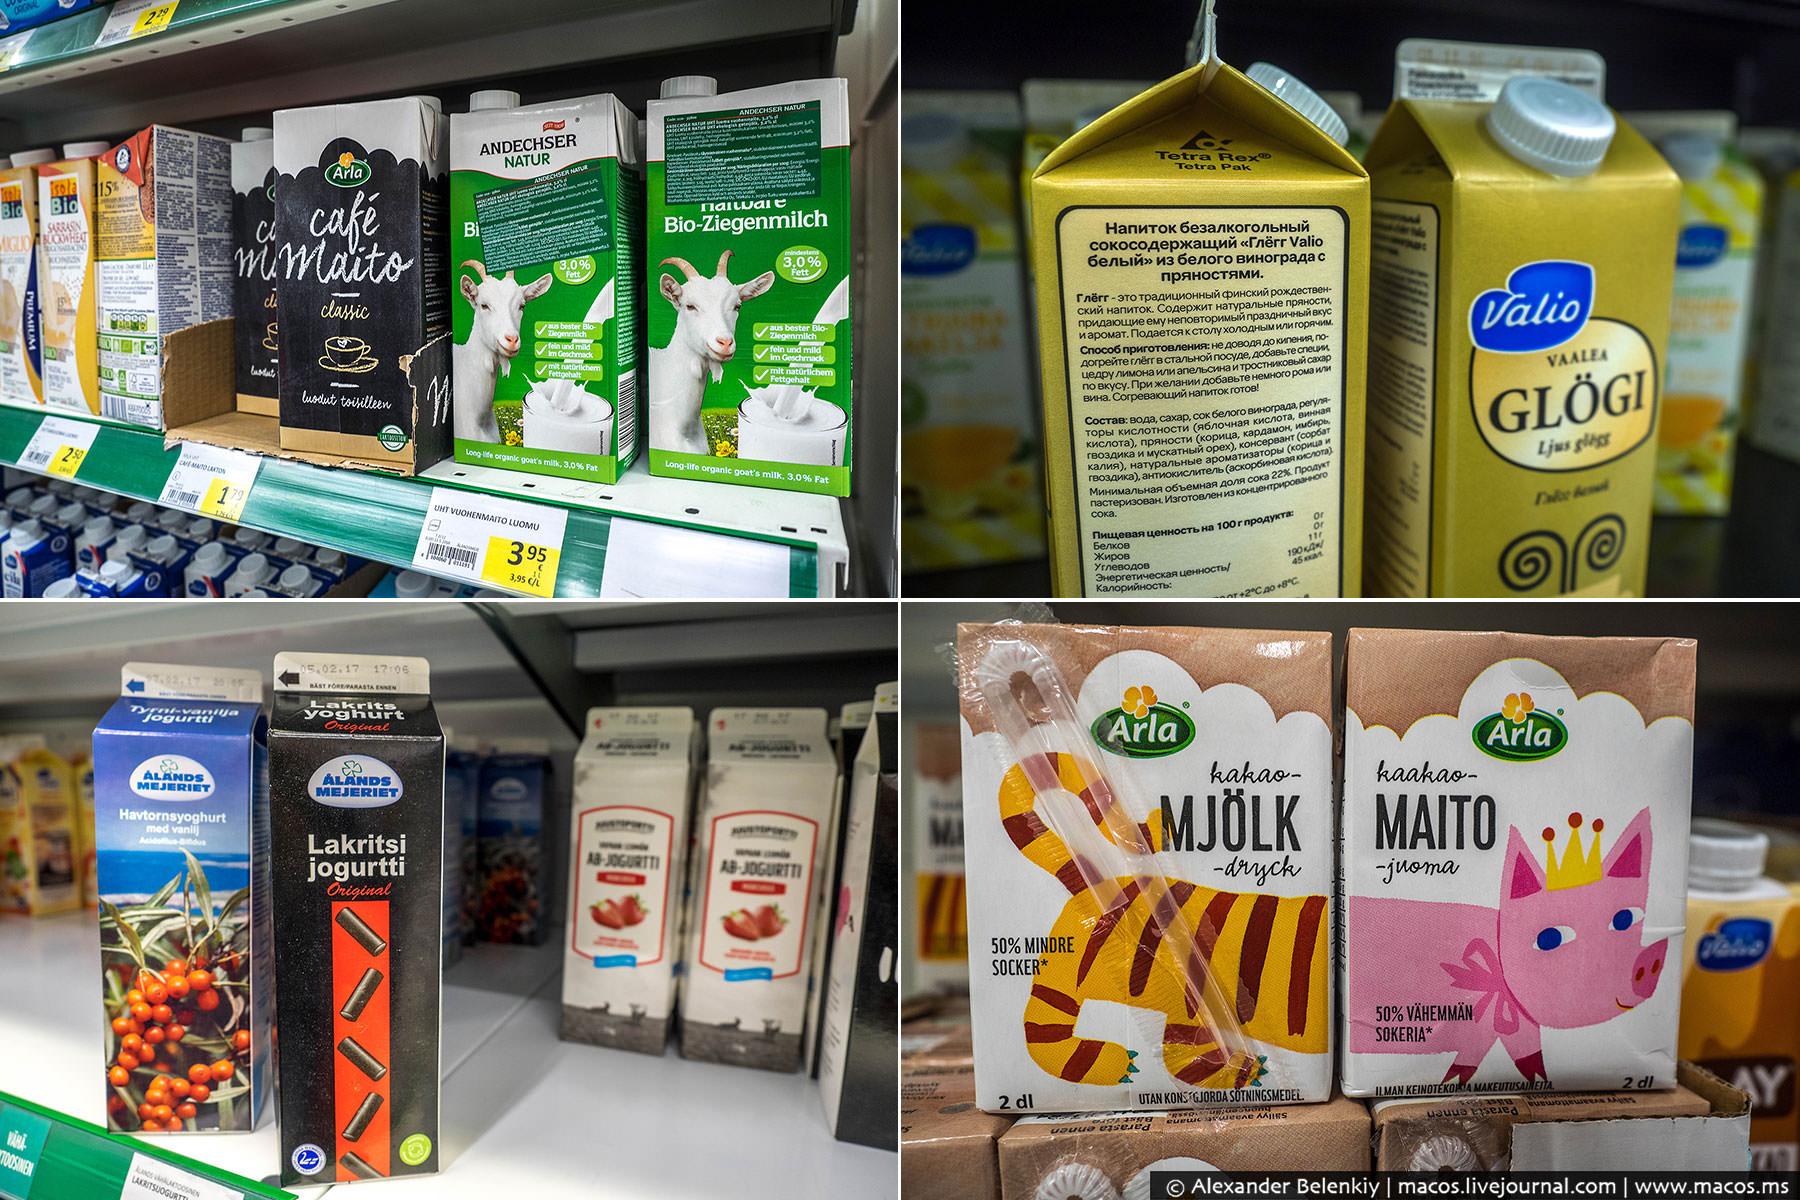 Кстати, финских продуктов большинство, и это нормально. Когда у нас основная масса еды отечественная